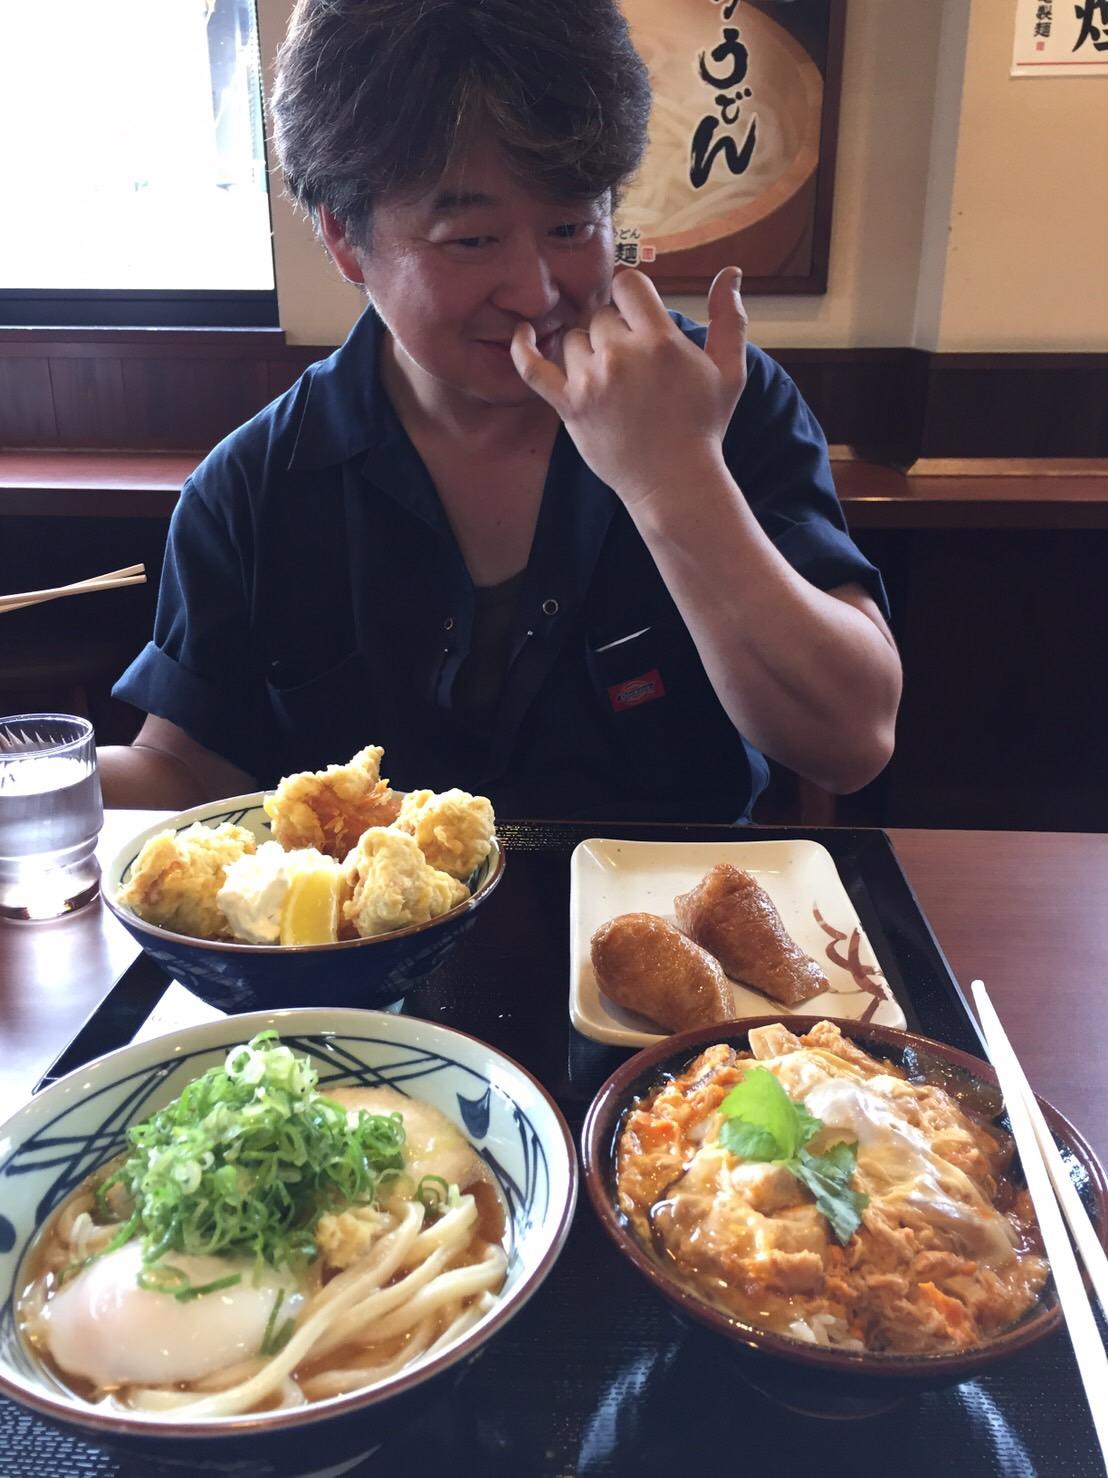 日曜日はトミ店のにこにこブログ☆ランクル ハマーの専門店☆_b0127002_1855957.jpg